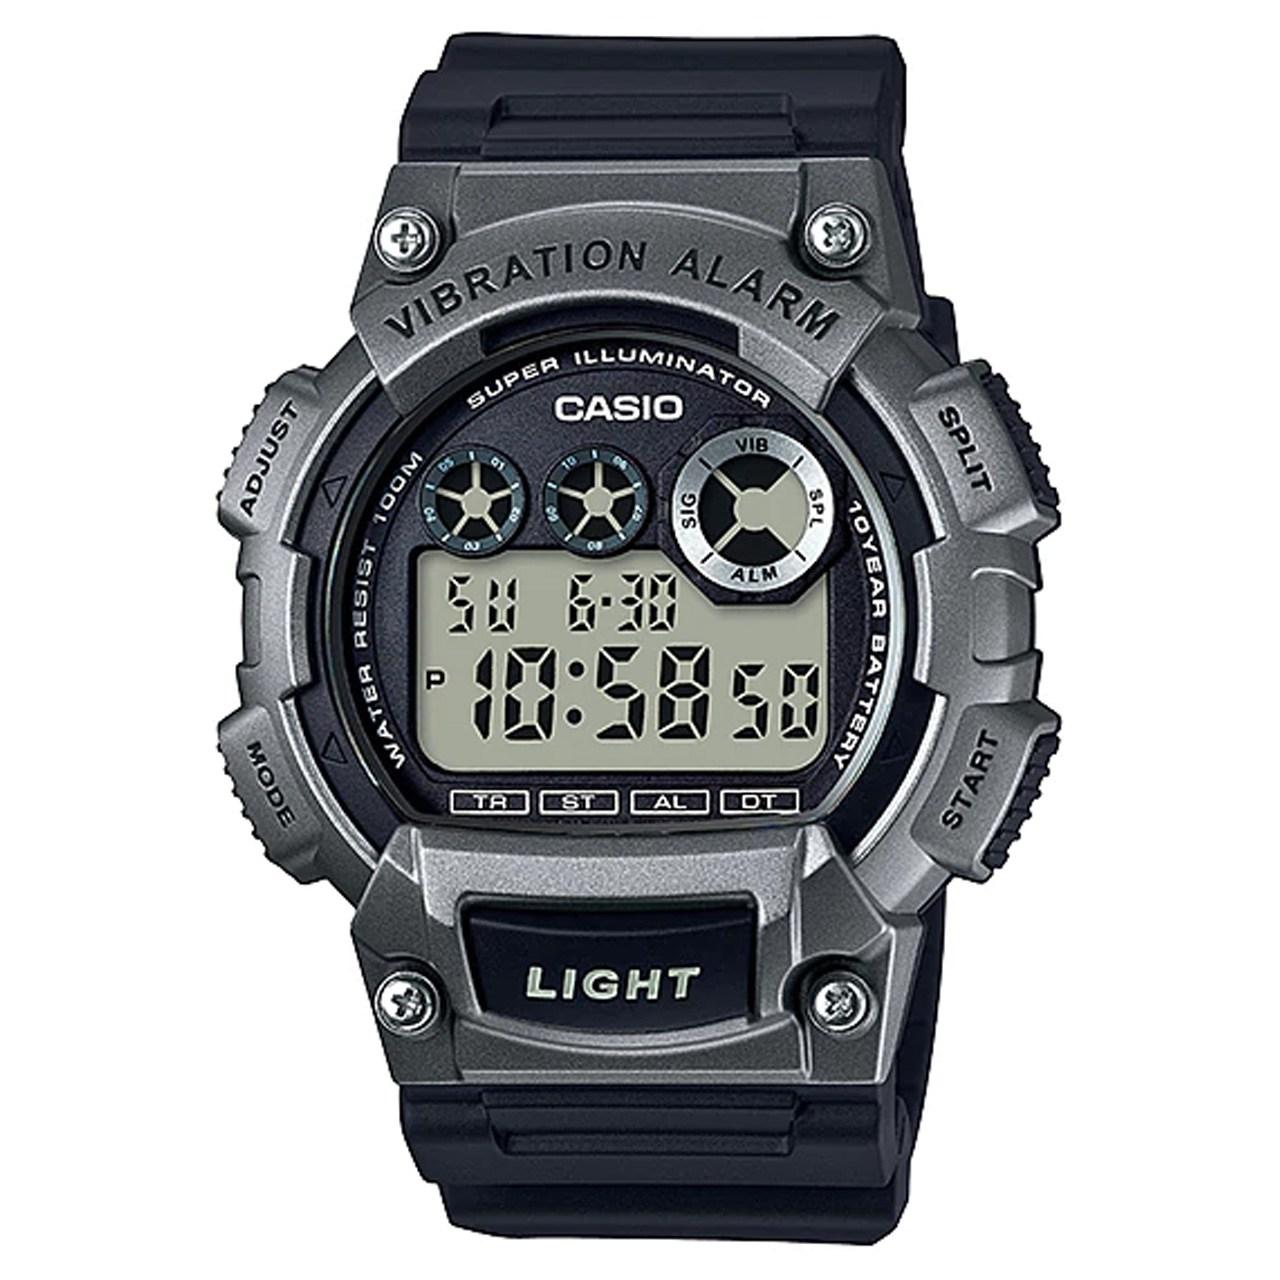 ساعت مچی دیجیتالی مردانه کاسیو مدل  W-735H-1A3VDF